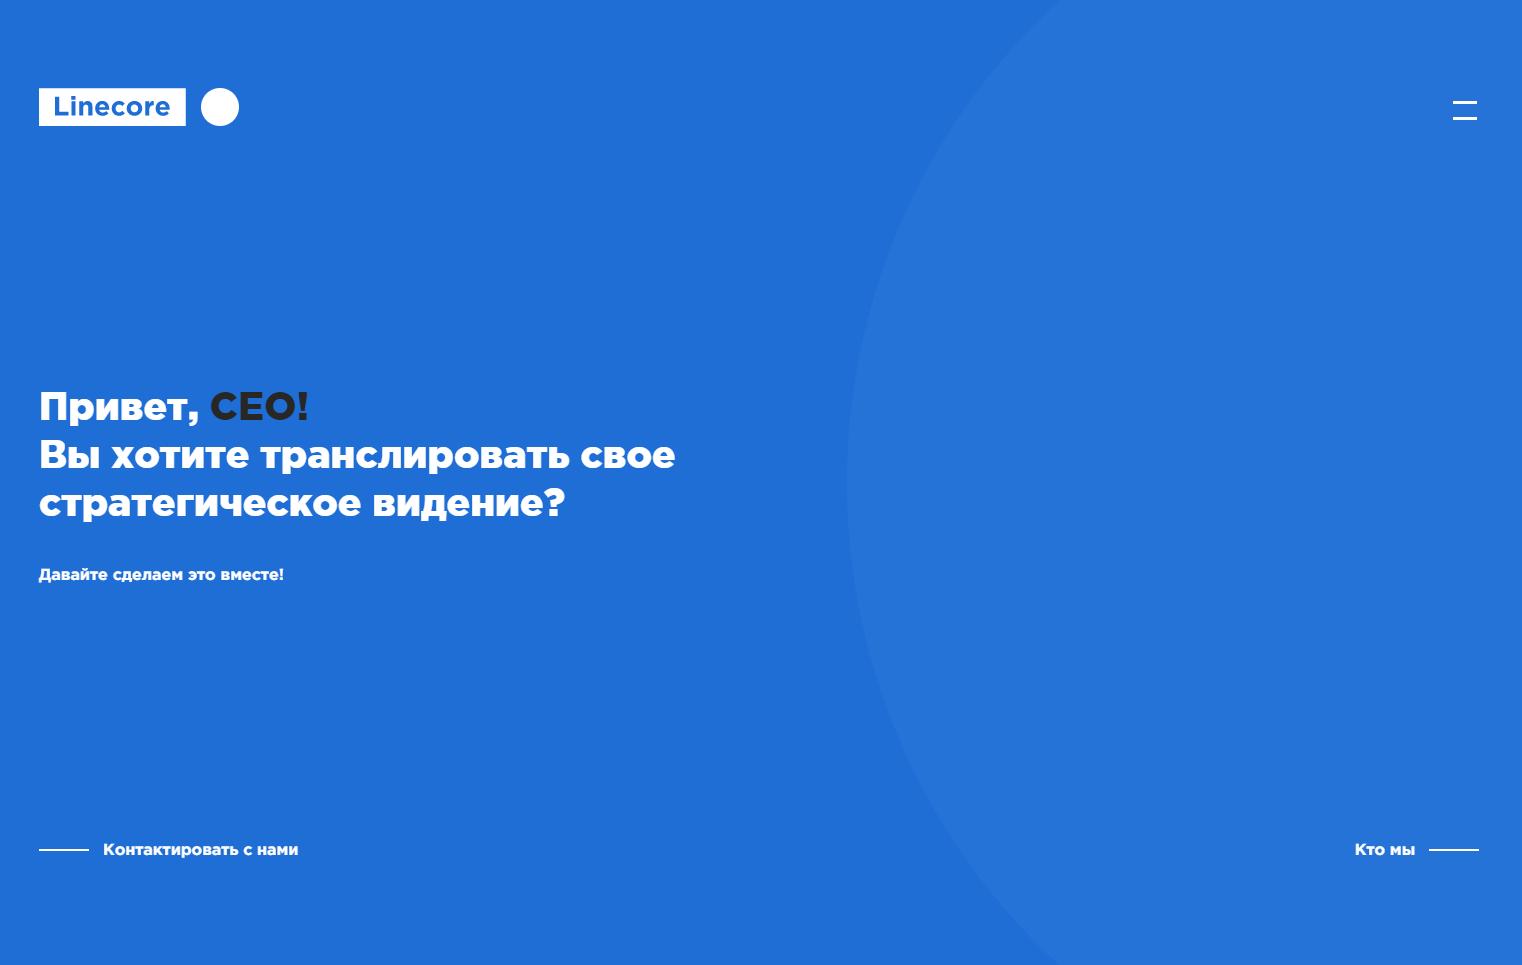 Linecore - обзор компании, услуги, отзывы, клиенты, Фото № 1 - google-seo.pro